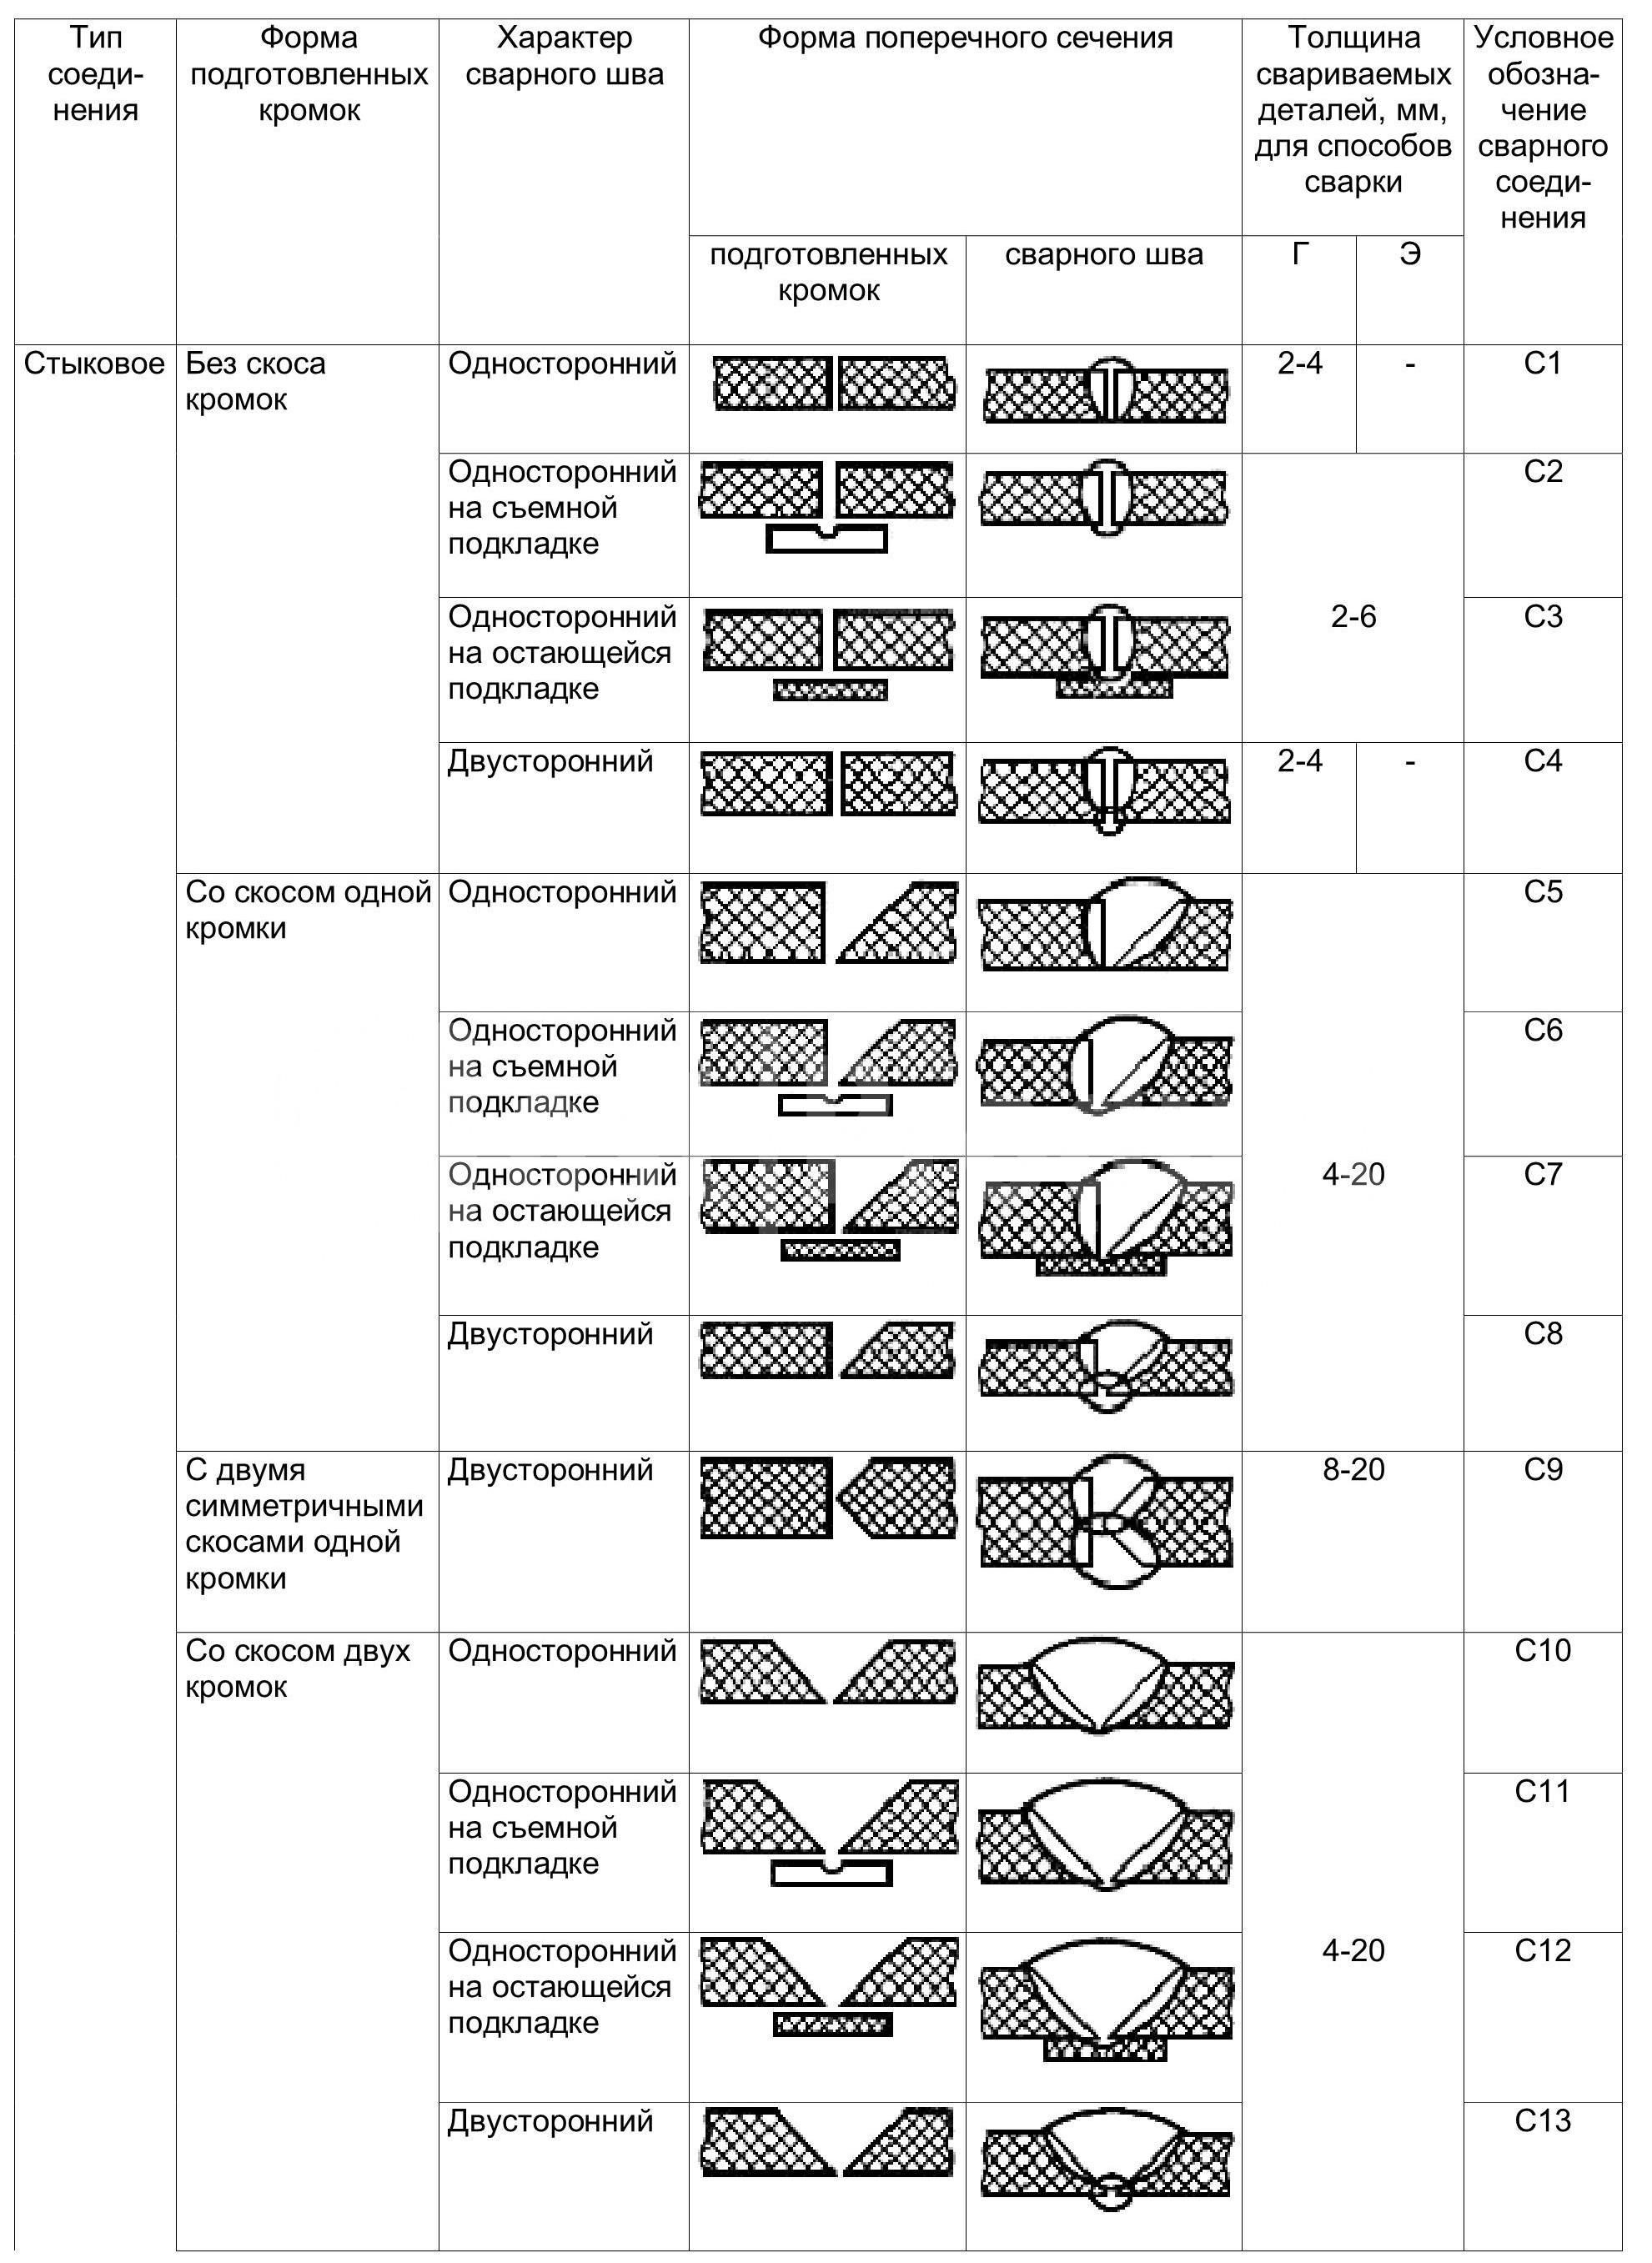 Виды сварных швов таблица №1